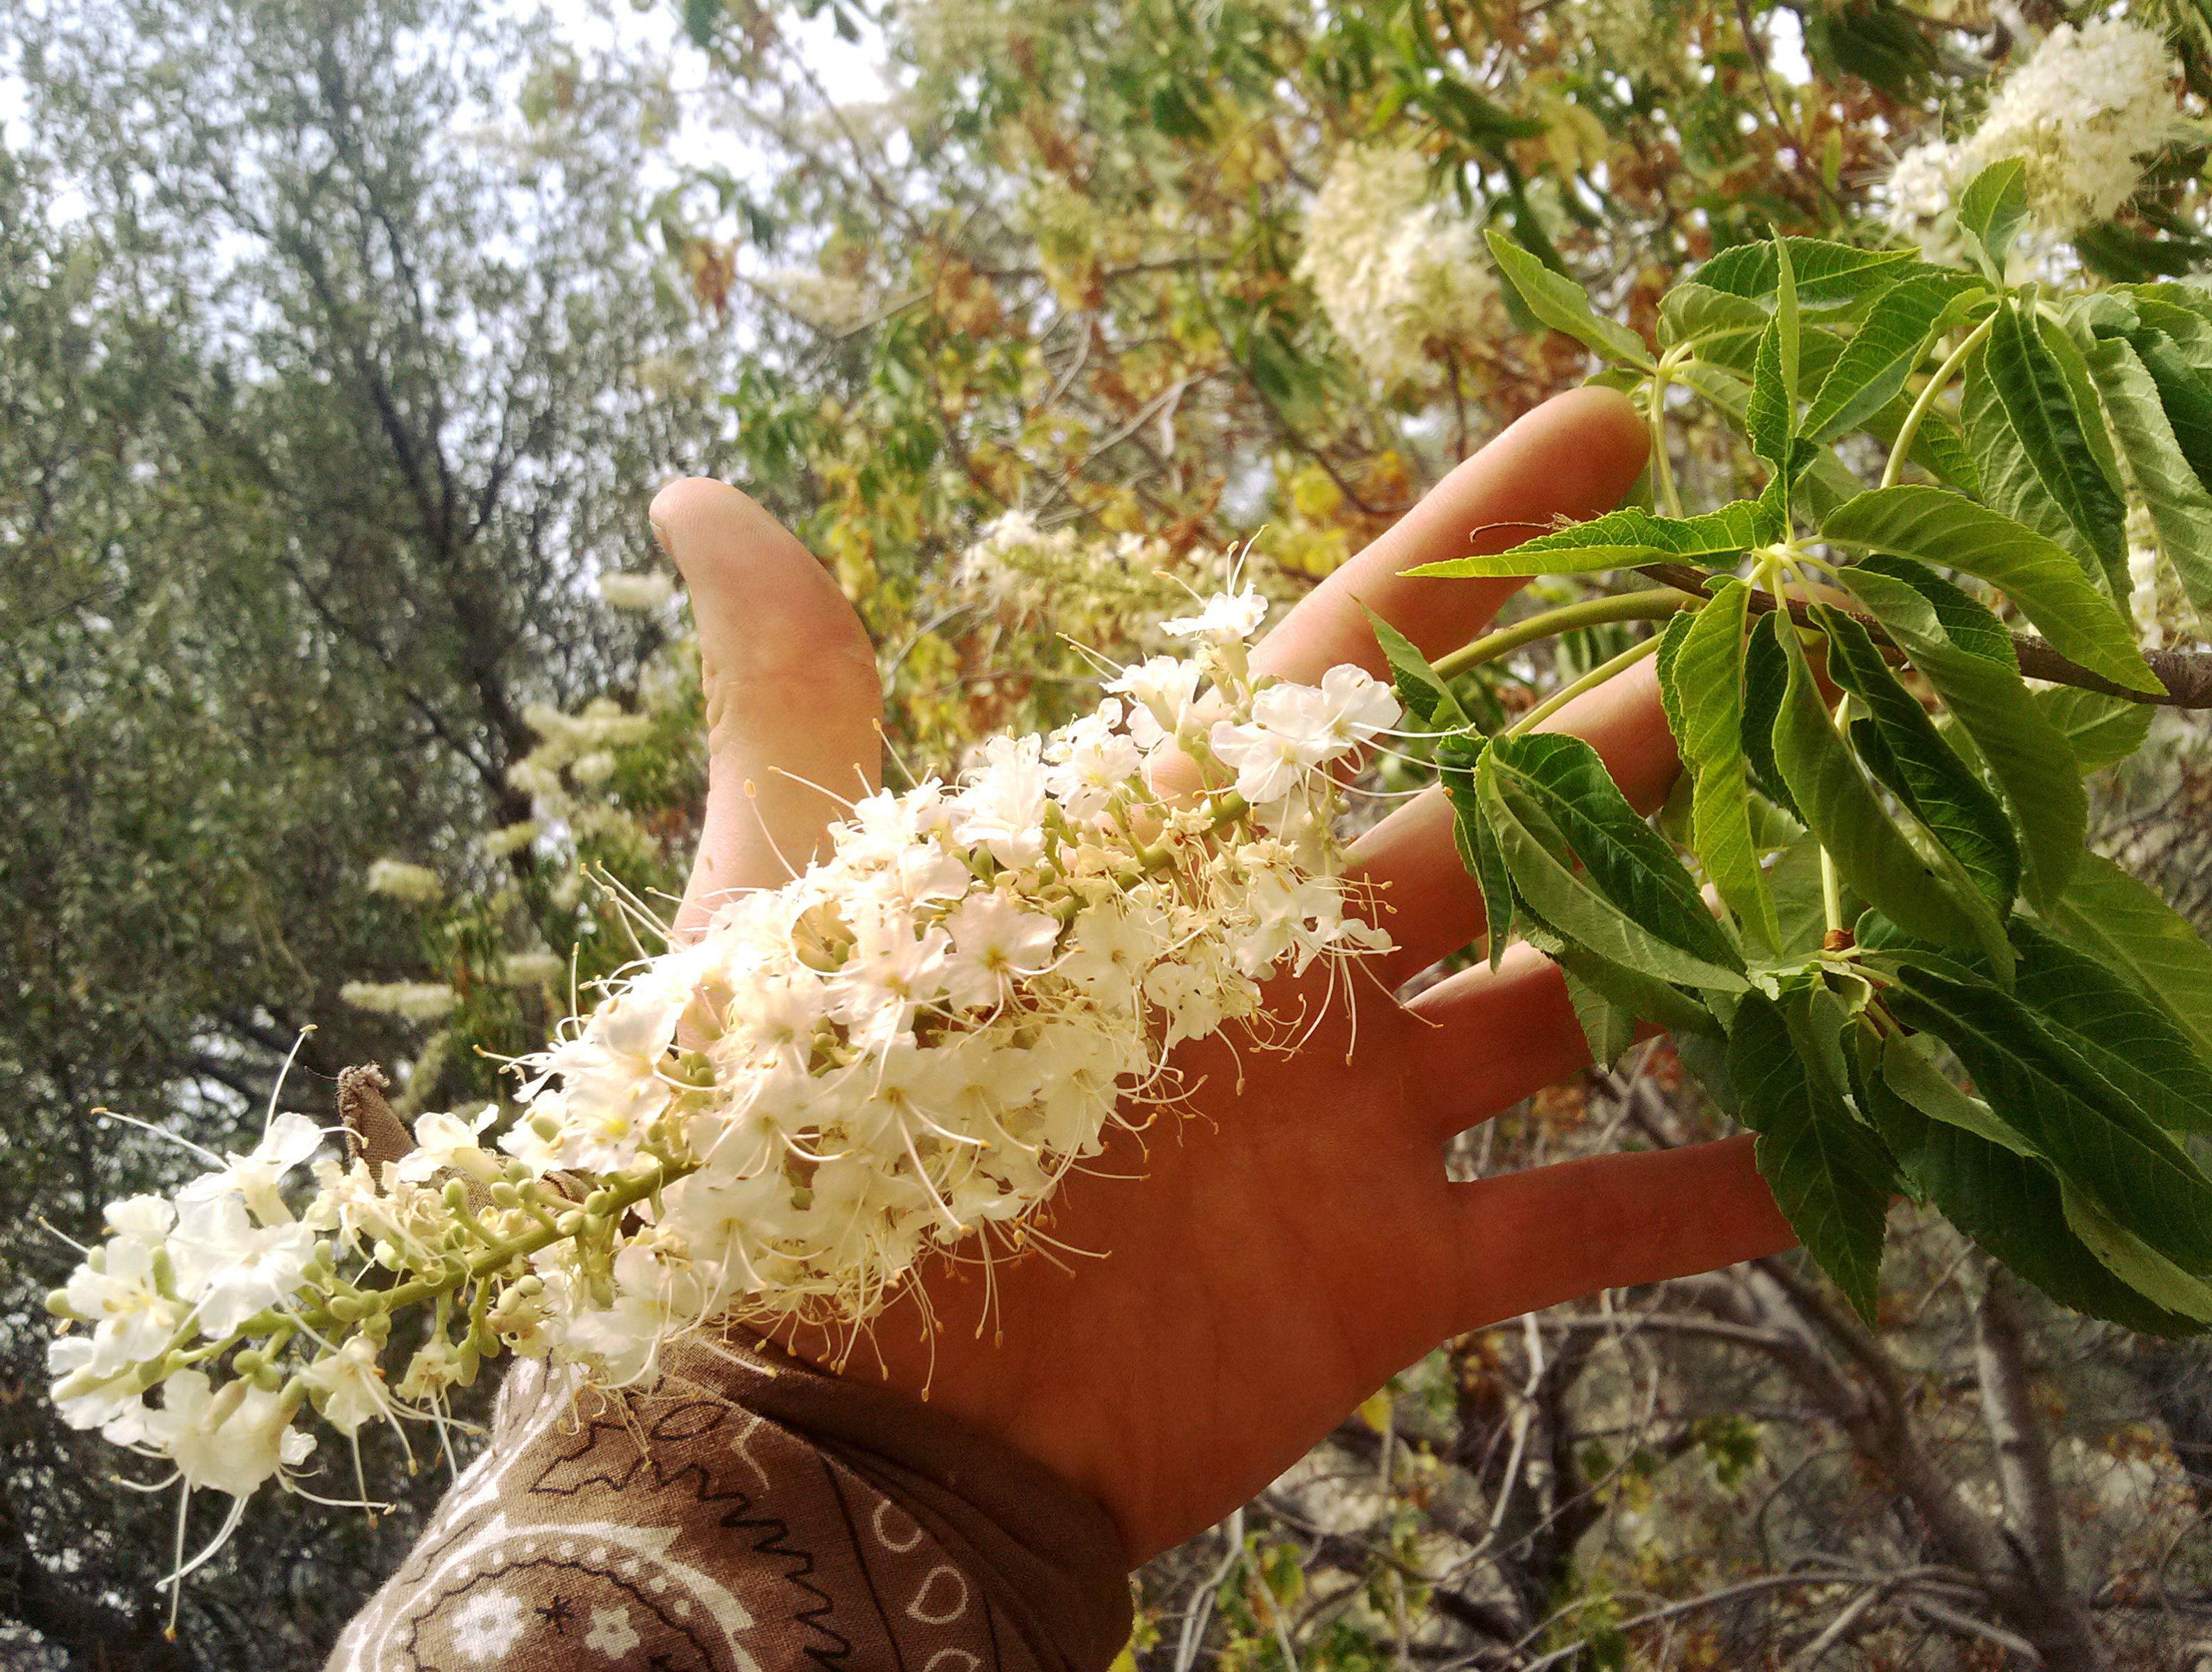 Buckeye flowers